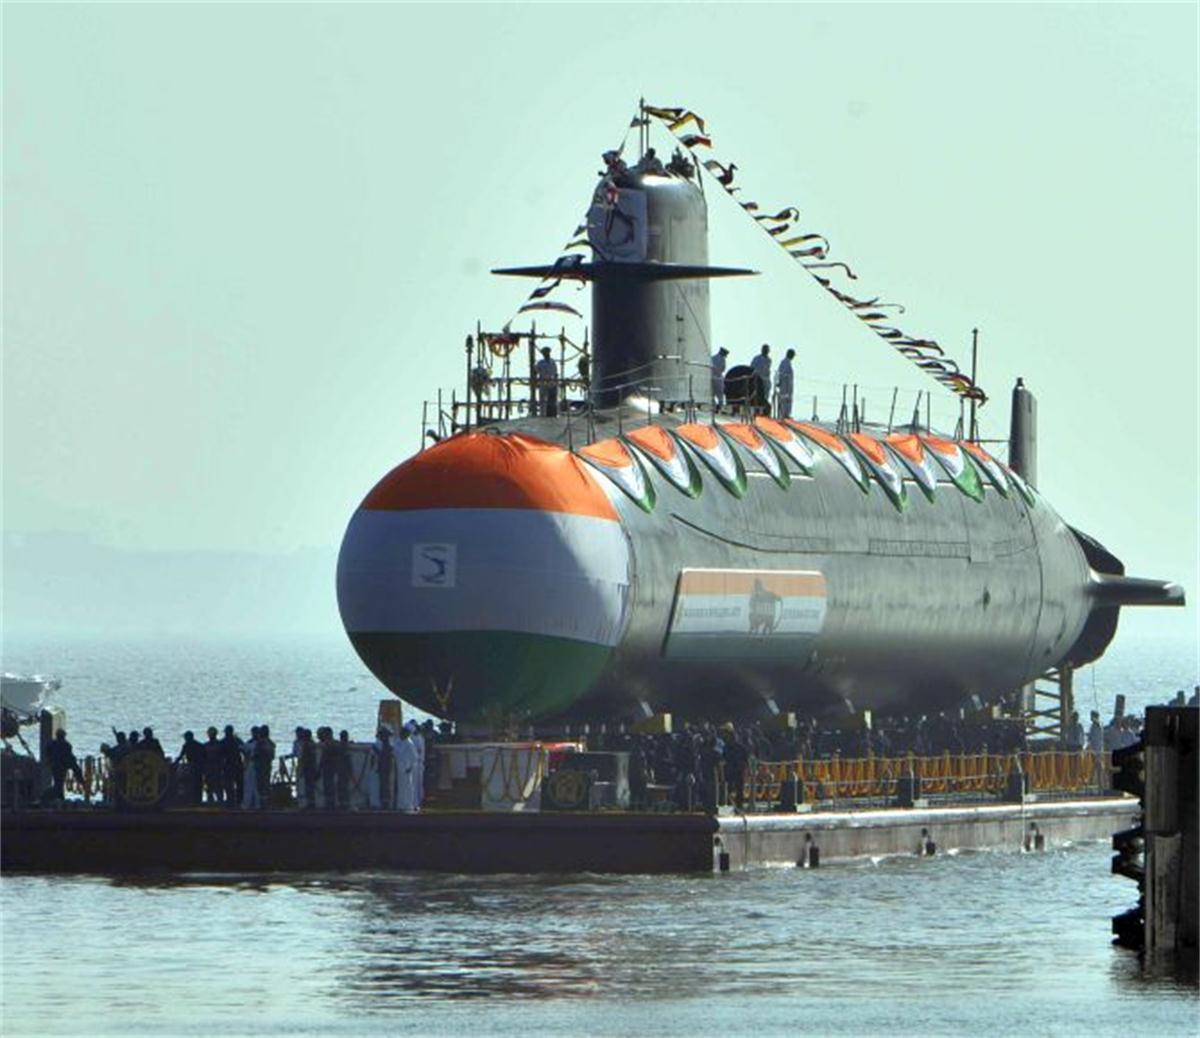 印度斥资67亿美元自造6艘潜艇 国产AIP系统不过关未被采用插图(1)